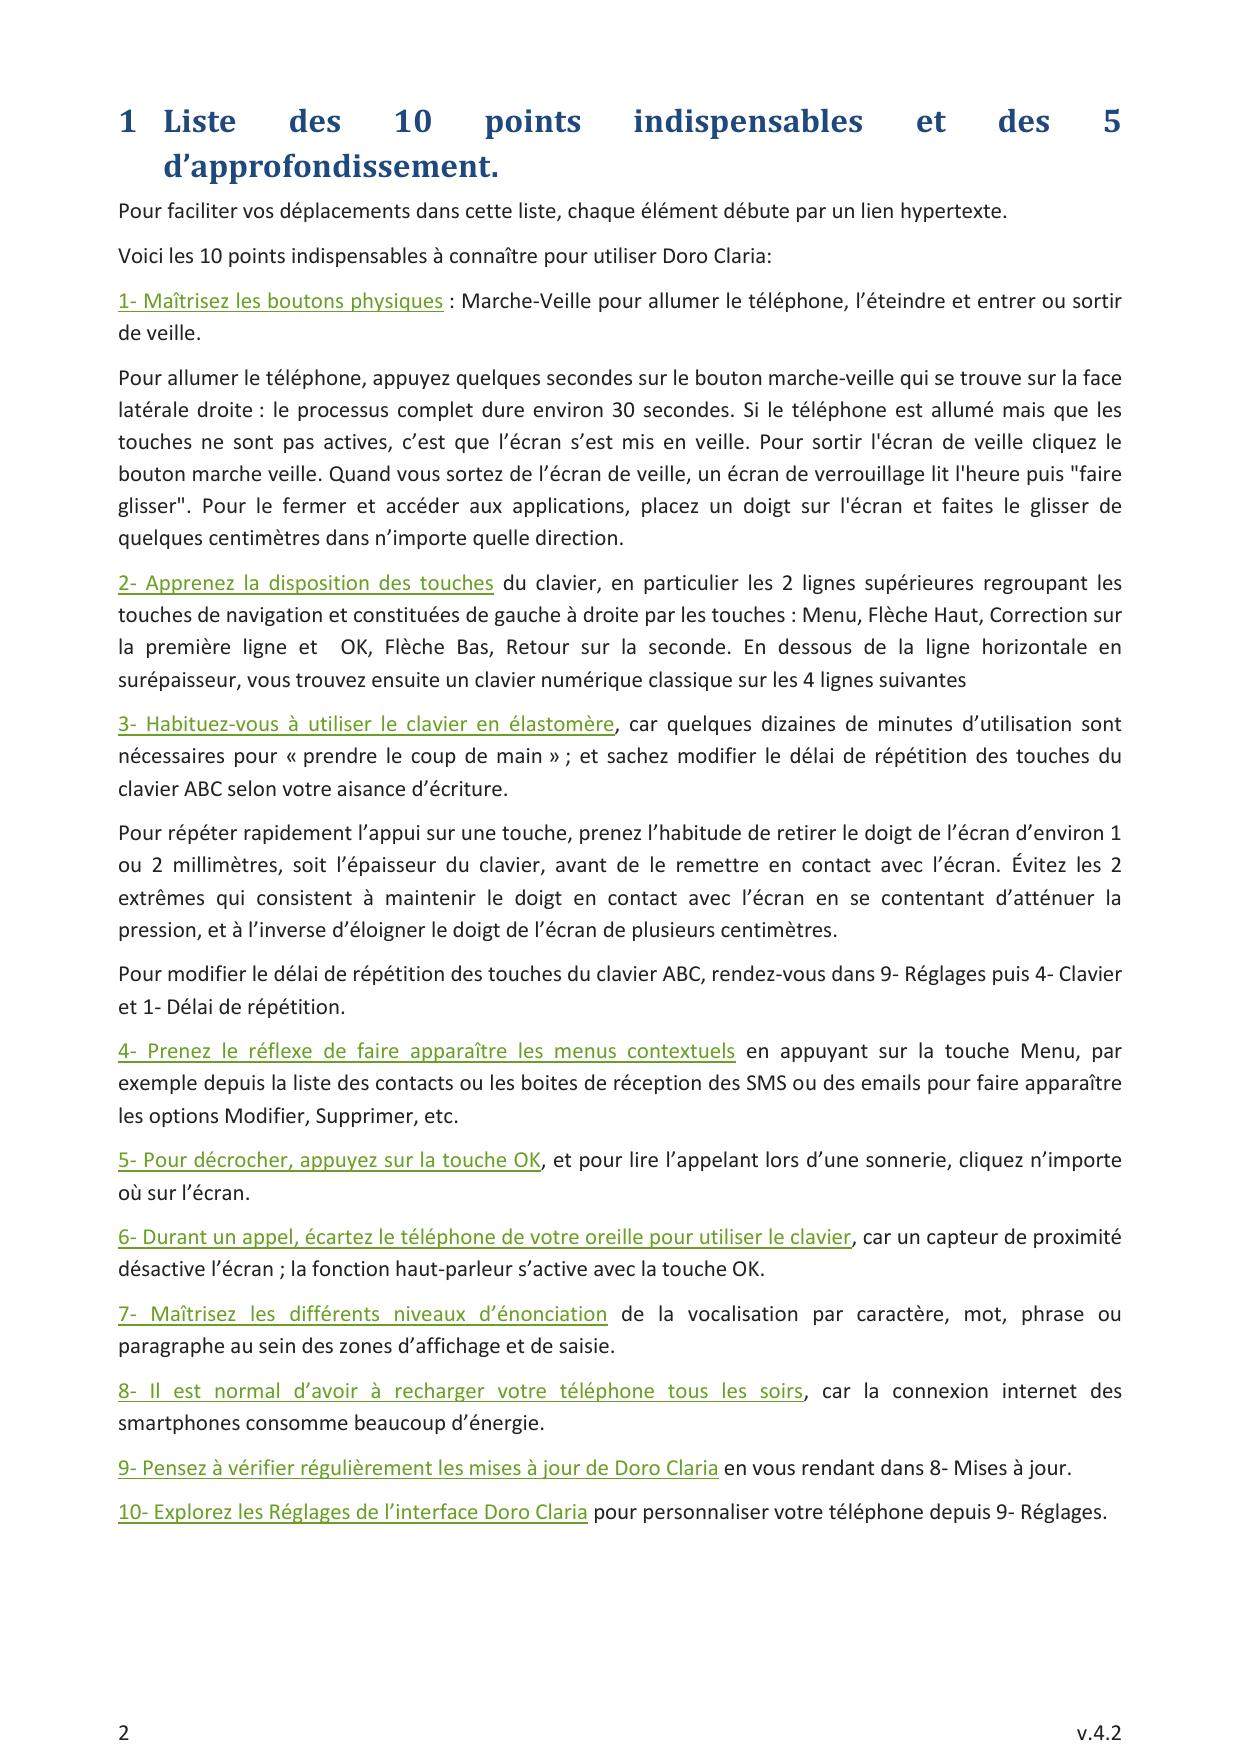 Manuel - Doro 820 Mini Claria - Android 4.4 - Device Guides avec Mot Fleché En Ligne